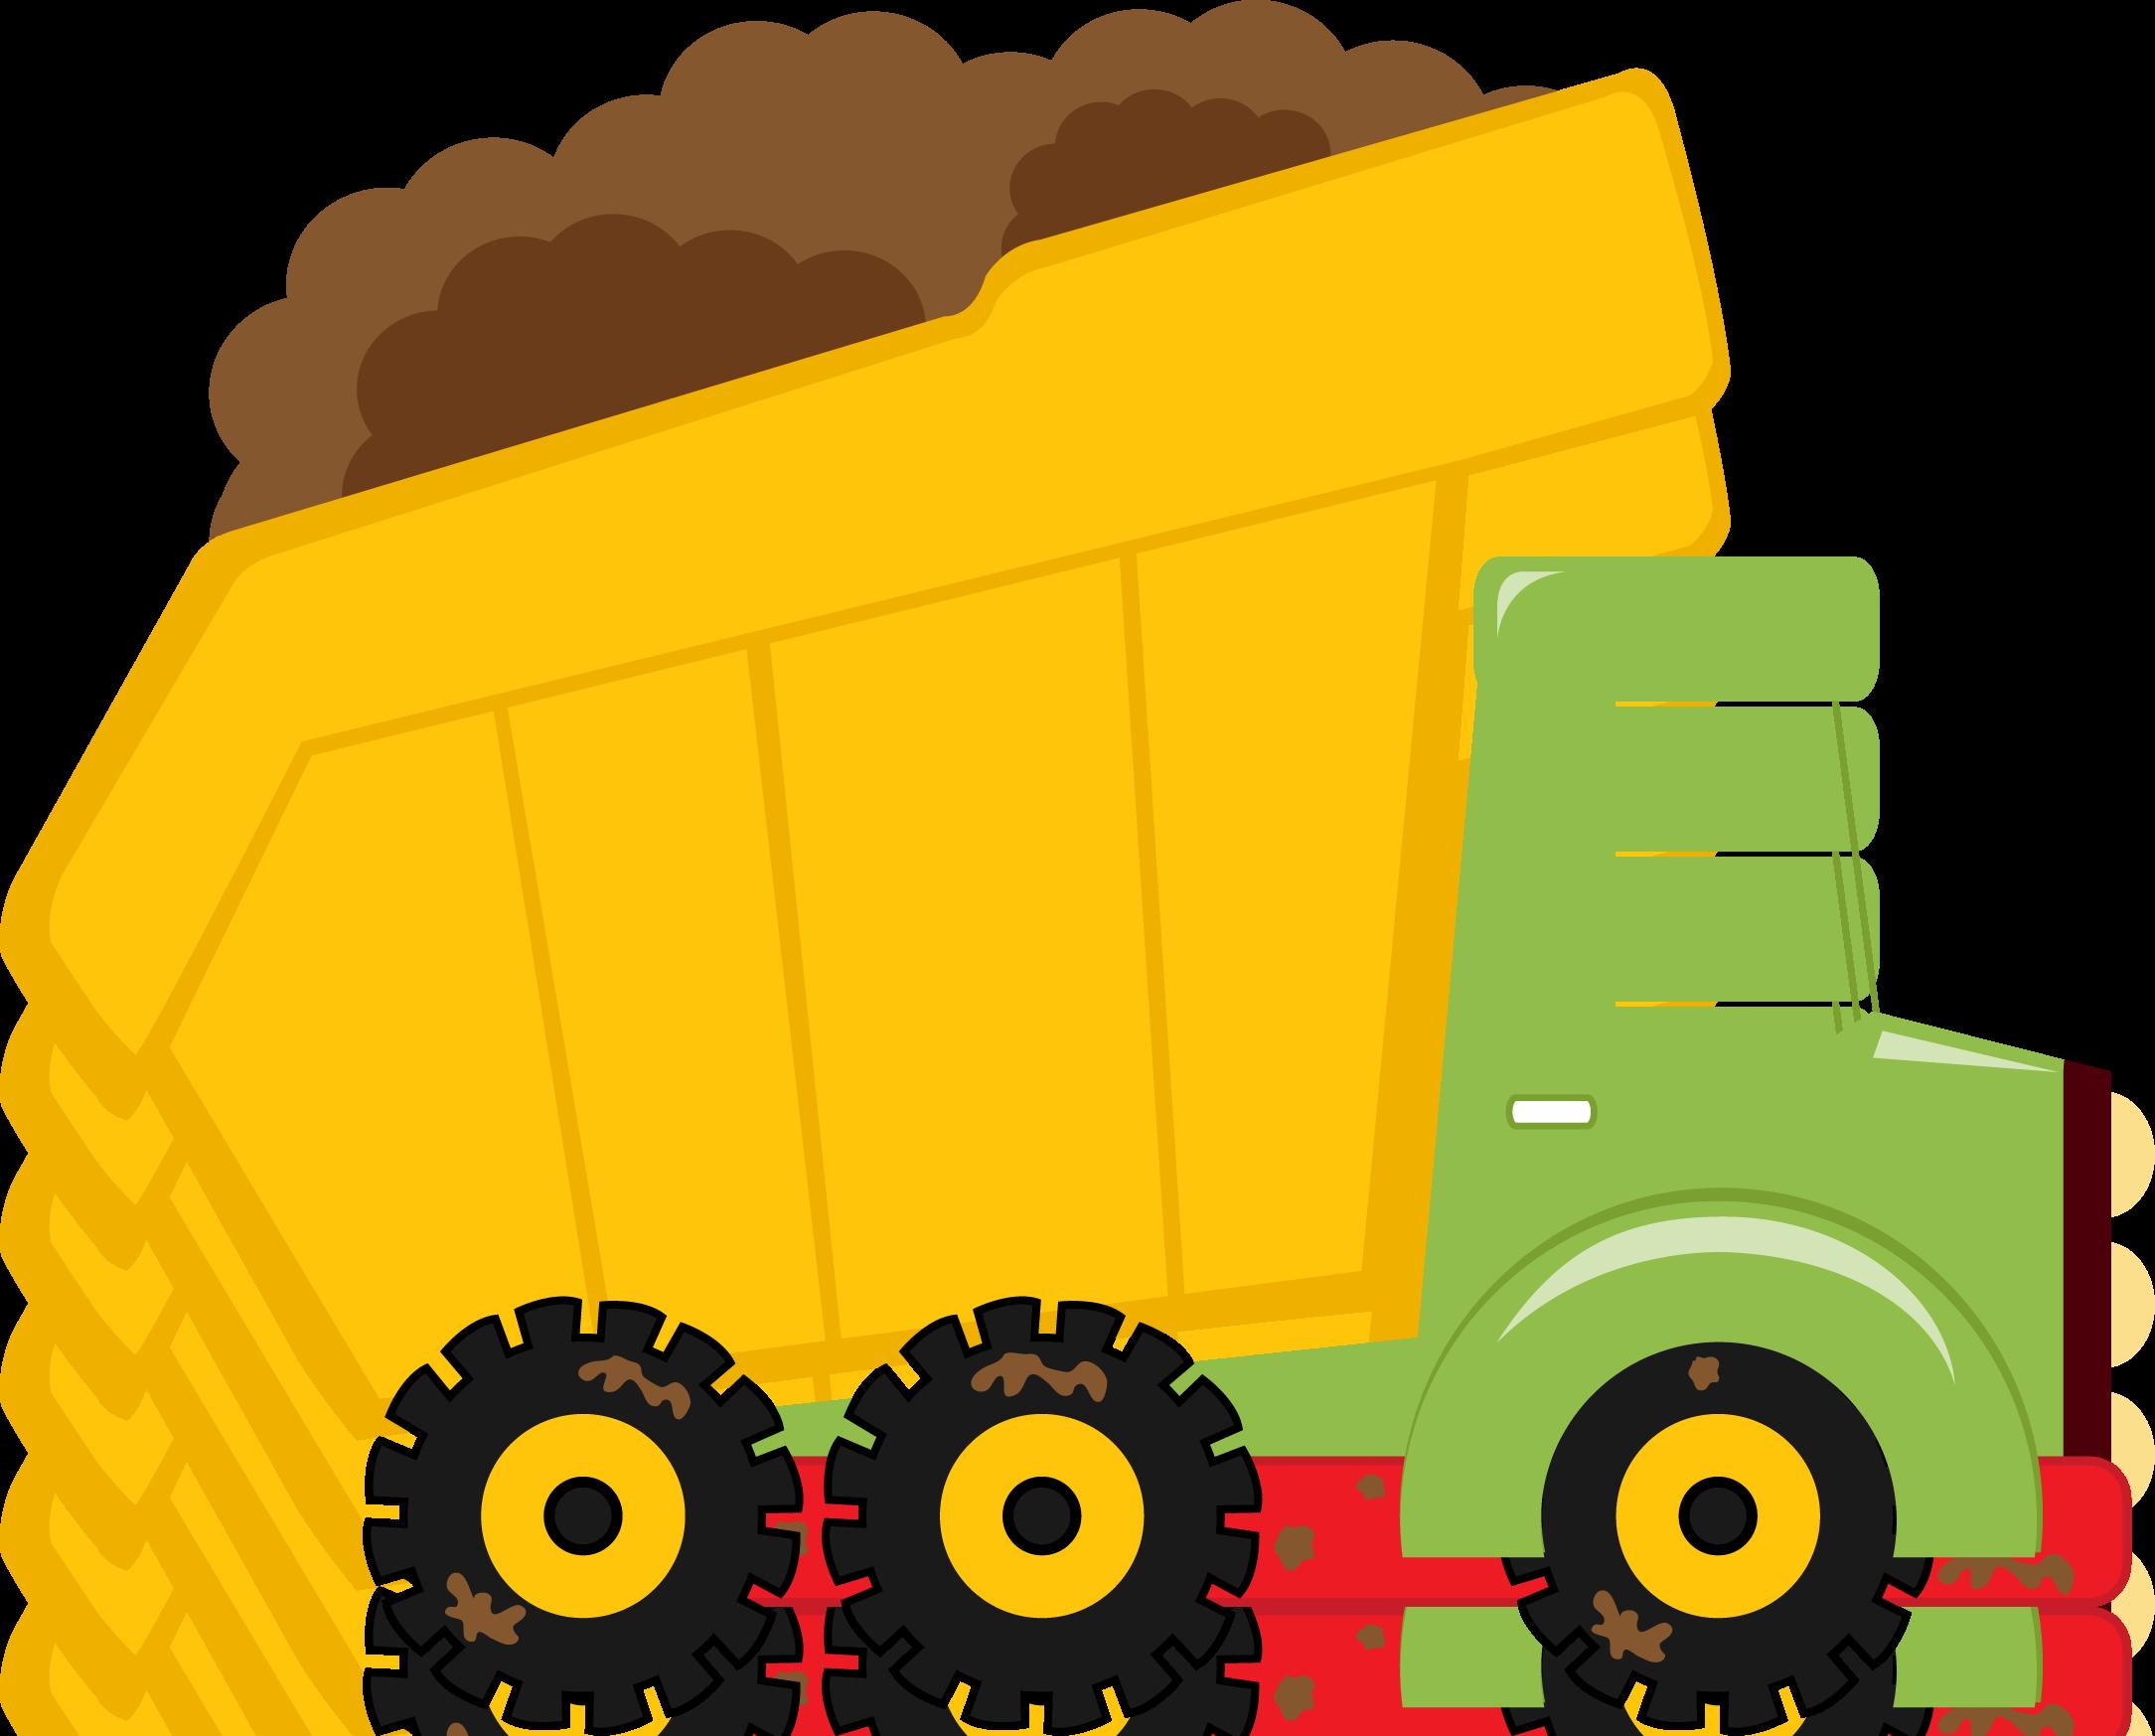 Meios de transporte bddumptruck. Dirt clipart construction dirt